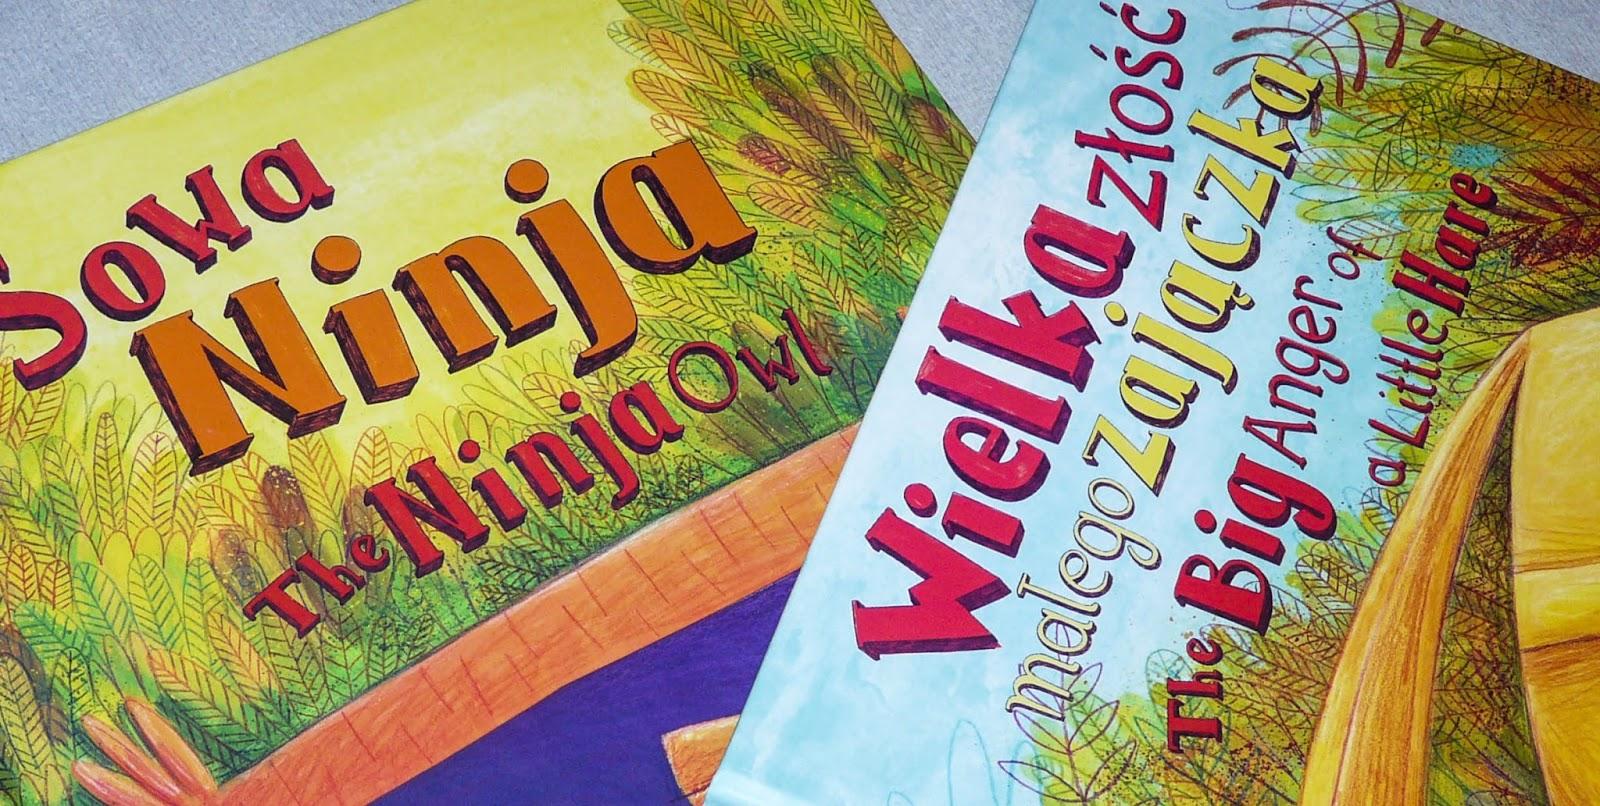 co czytać z dwulatkiem, książki polsko-angielskie dla dzieci, książki o emocjach, Sowa ninja, wielka złość małego zajączka